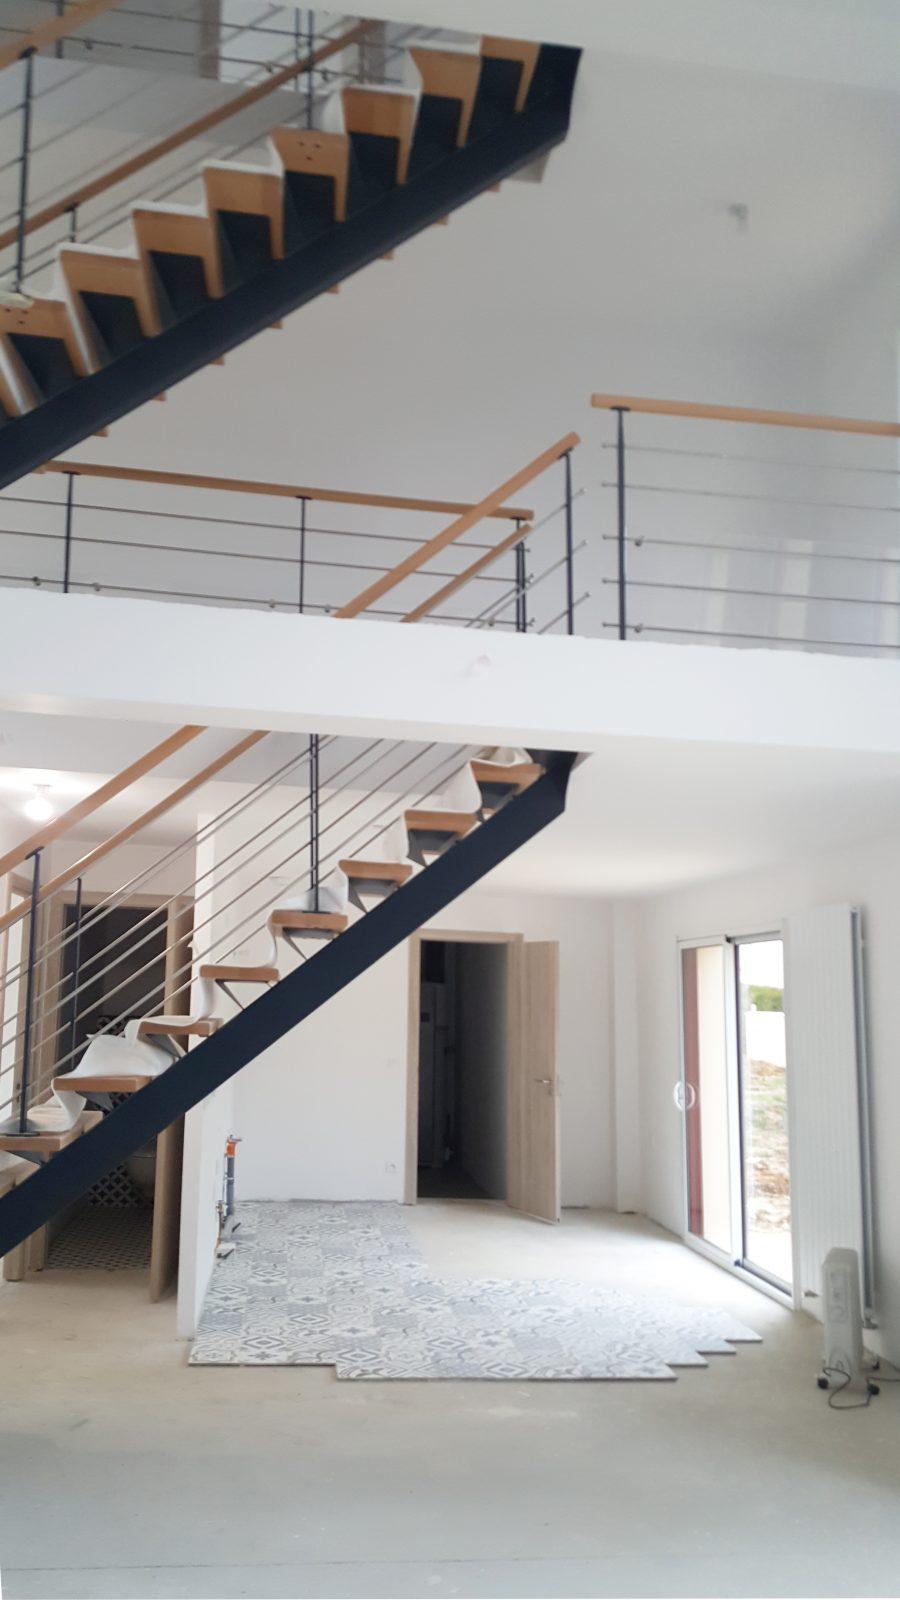 Escalier Val D Oise réalisation d'une maison moderne - rambouillet (78